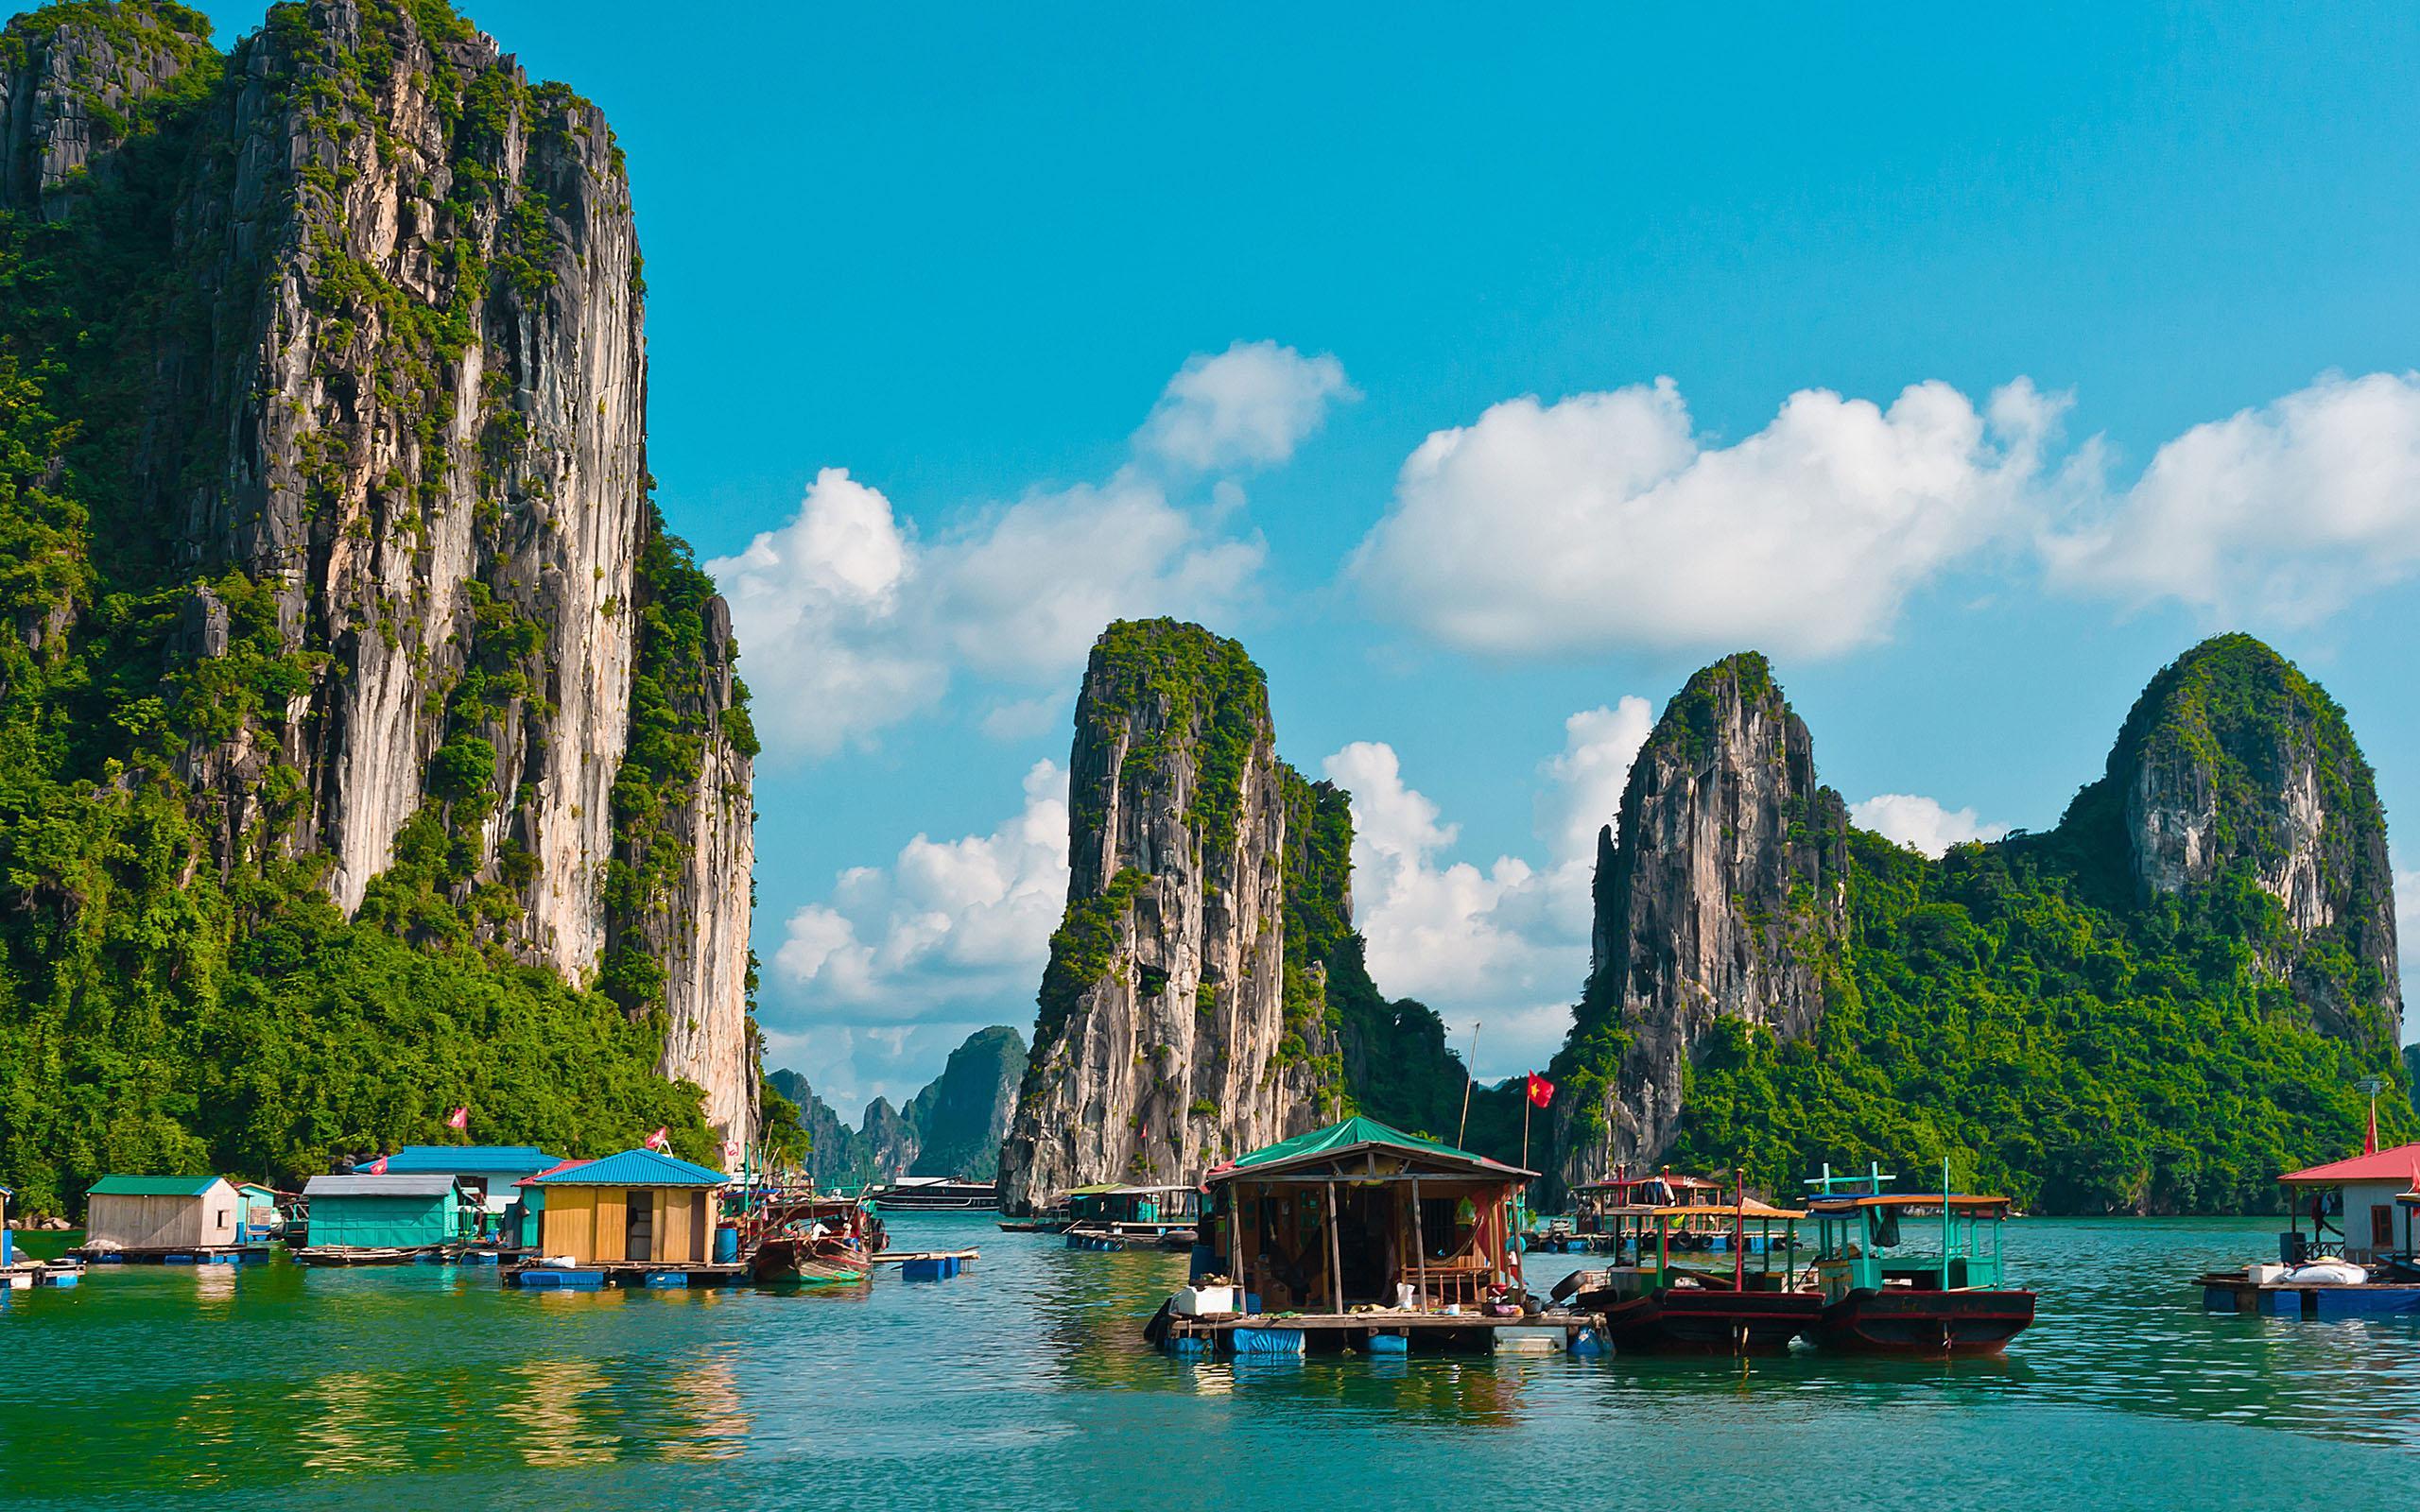 ЛЕТОТО Е НА ПРАГОТ: Најпопуларни дестинации за вашиот летен одмор